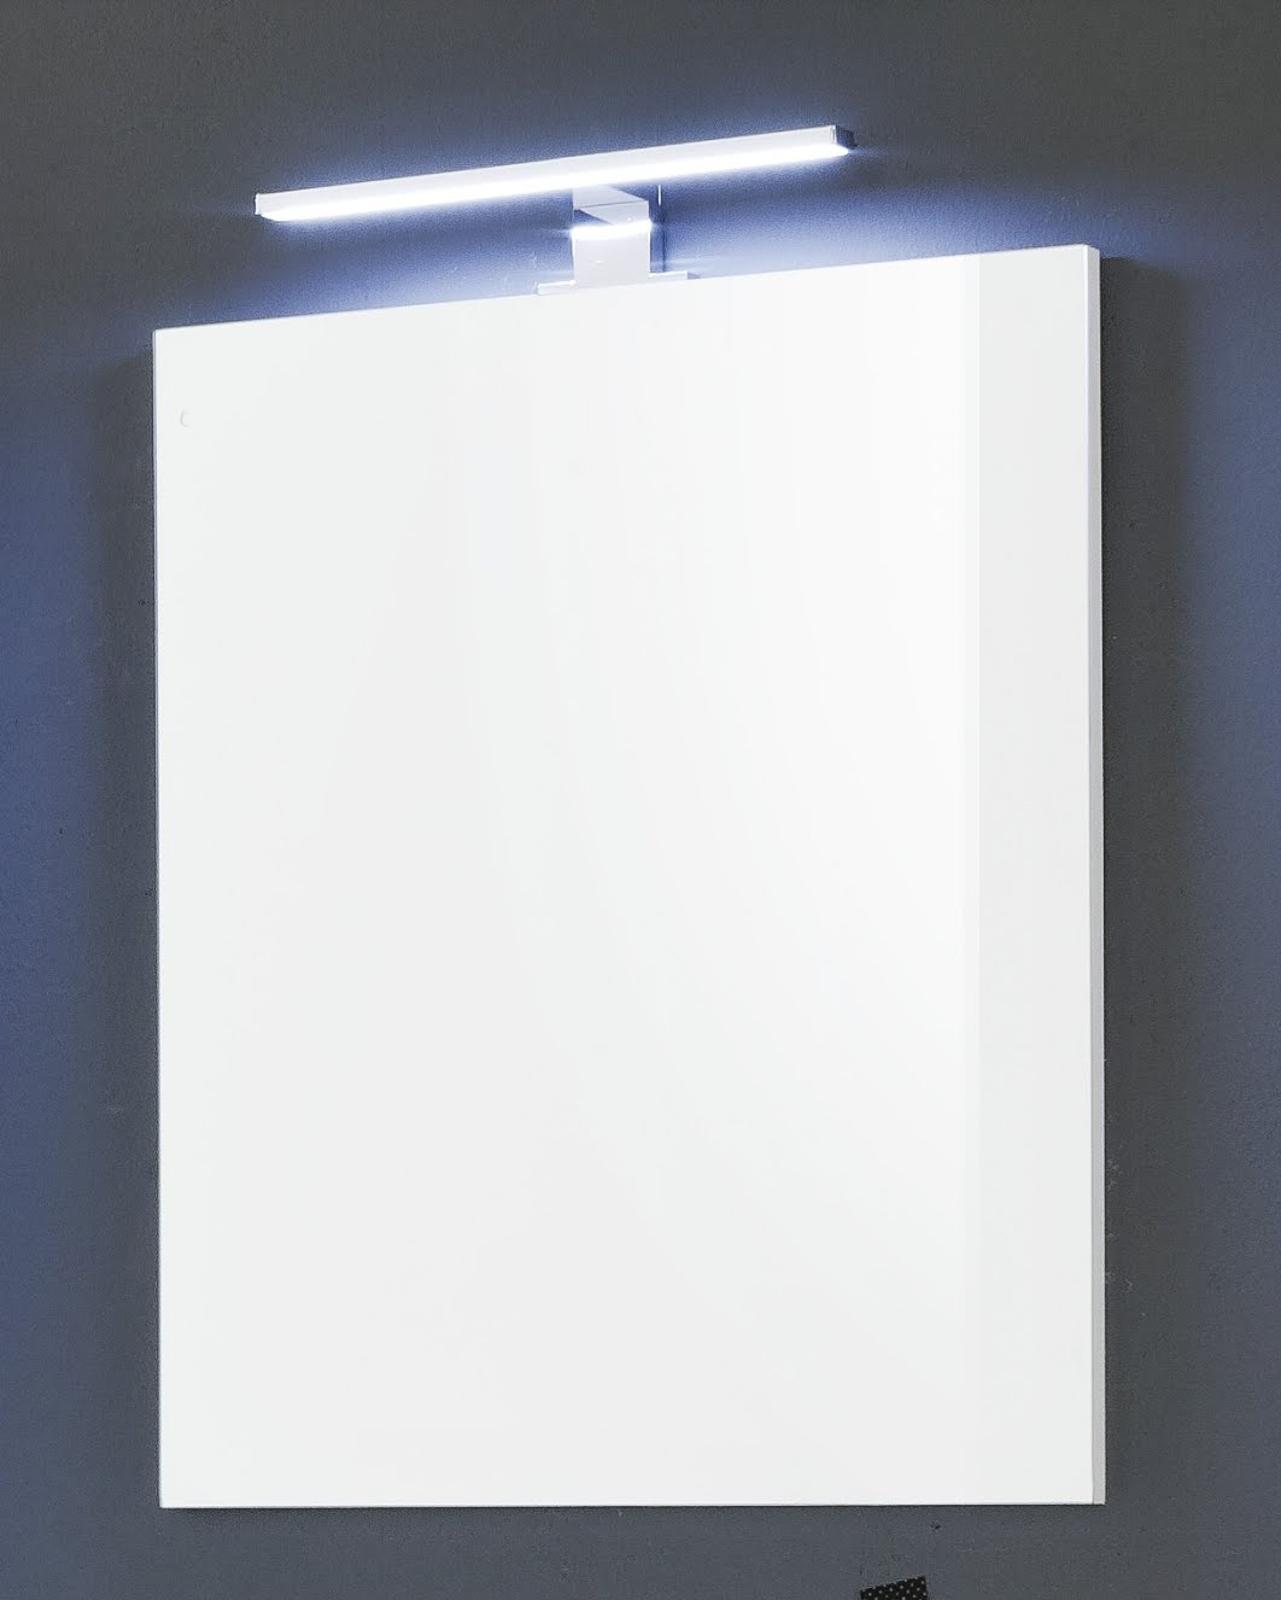 Badspiegel Jersey In Weiss Optional Led Ansatzleuchte